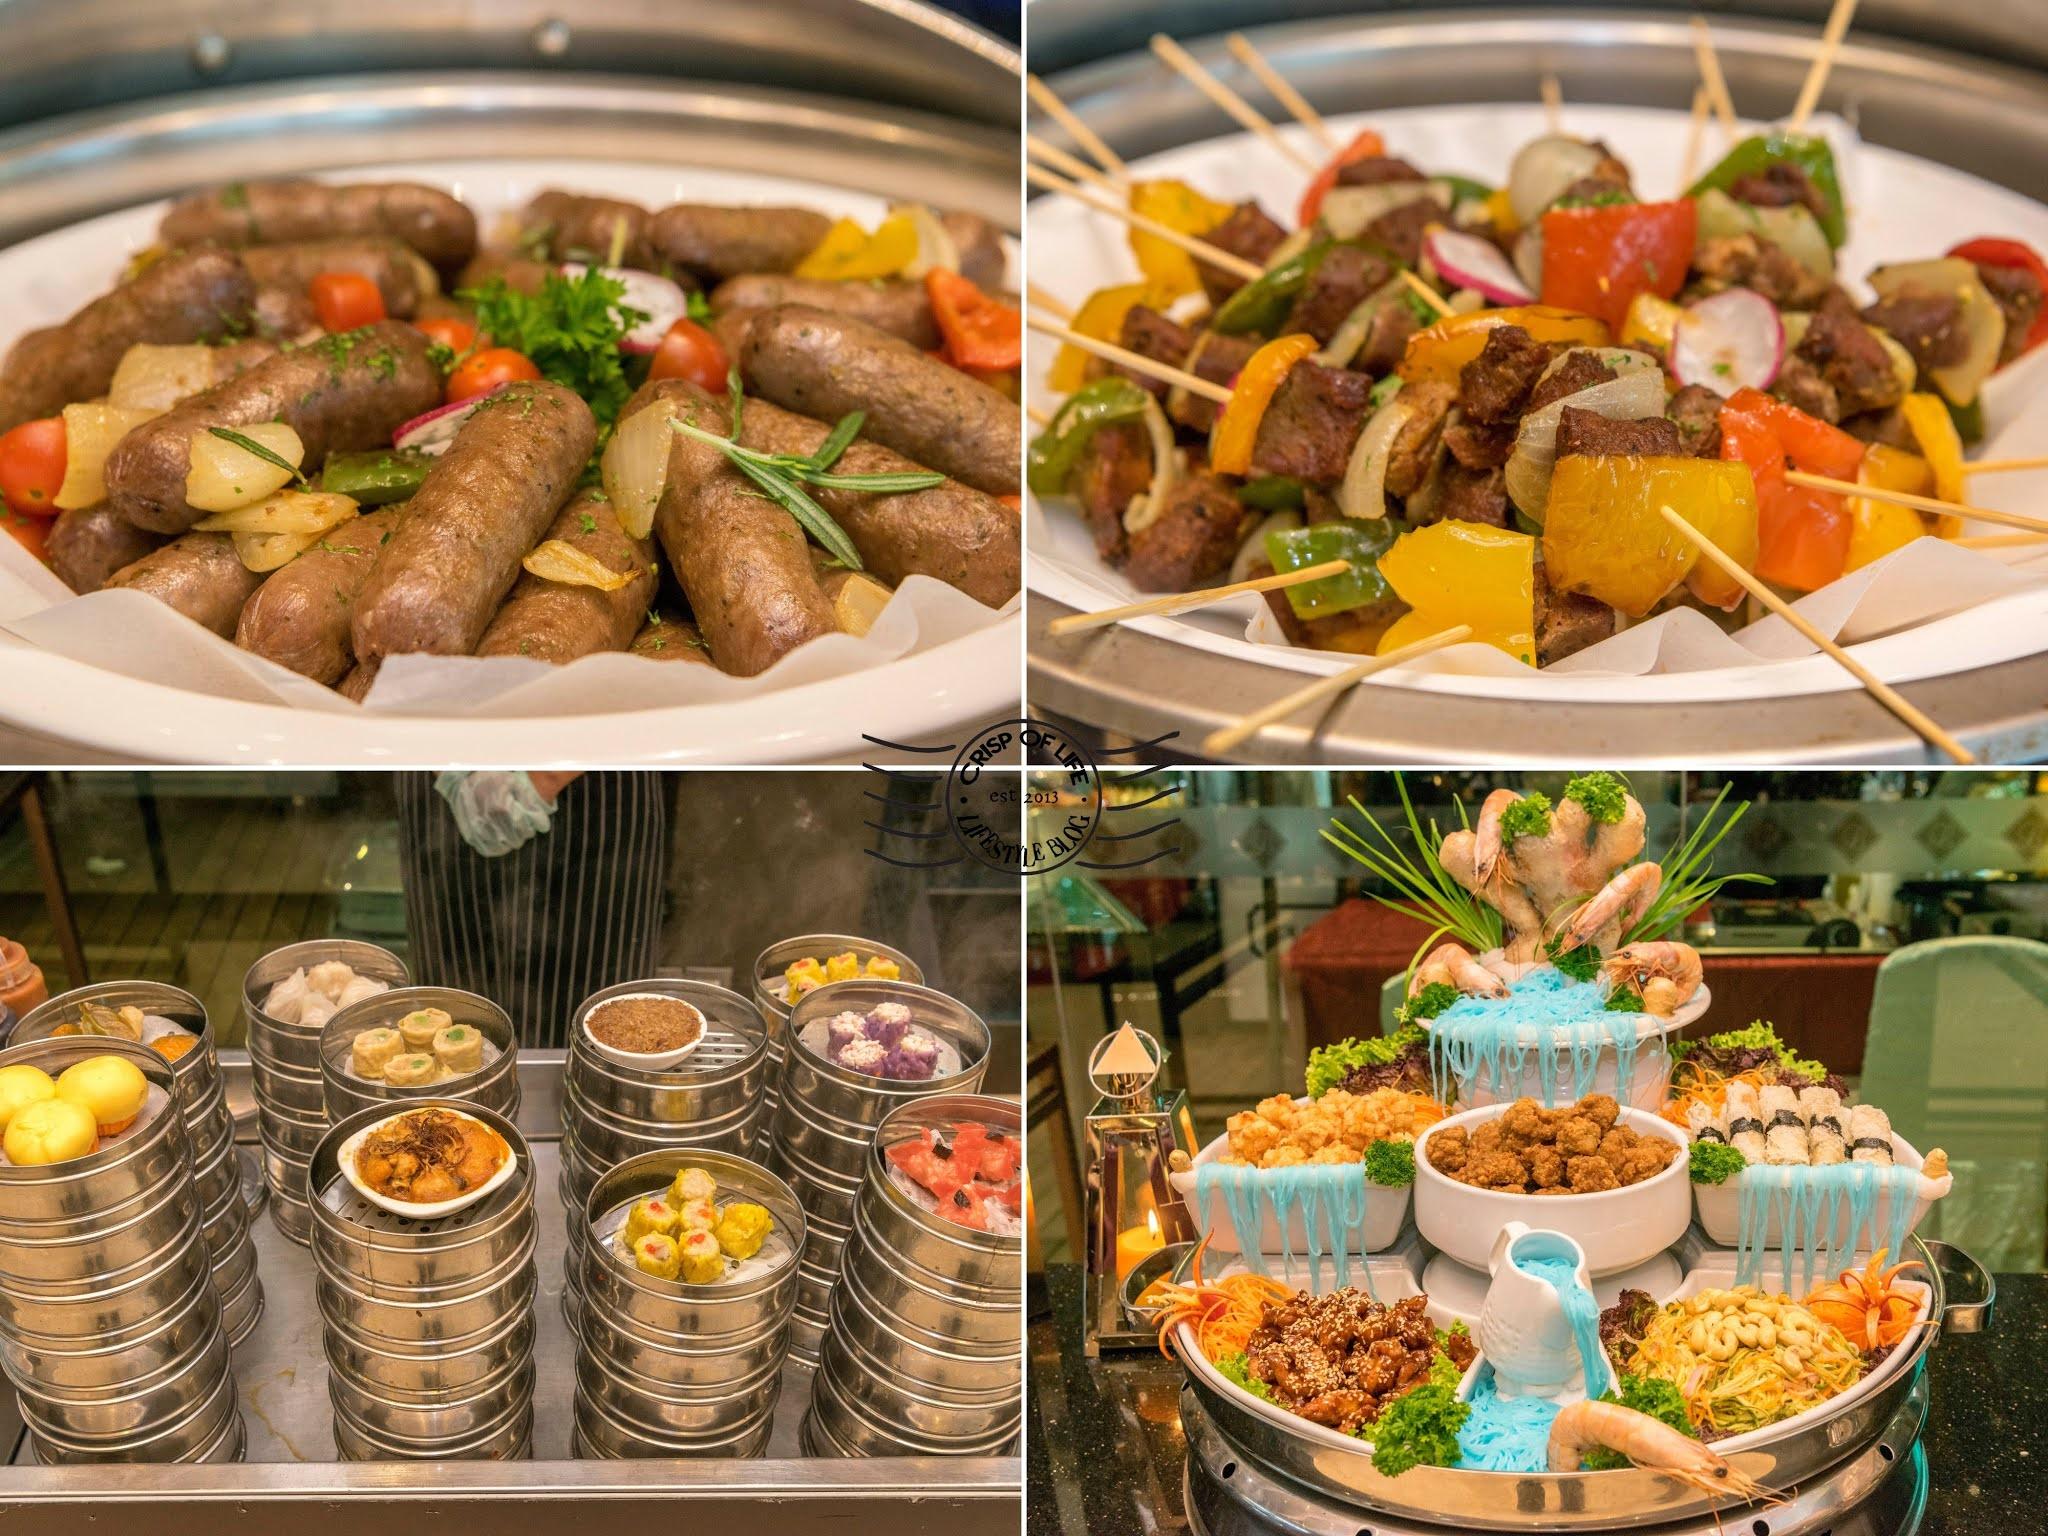 Santapan Warisan Melayu and Tabaq Al Maghribi Buffet Ramadhan 2021 @ The Light Hotel Penang